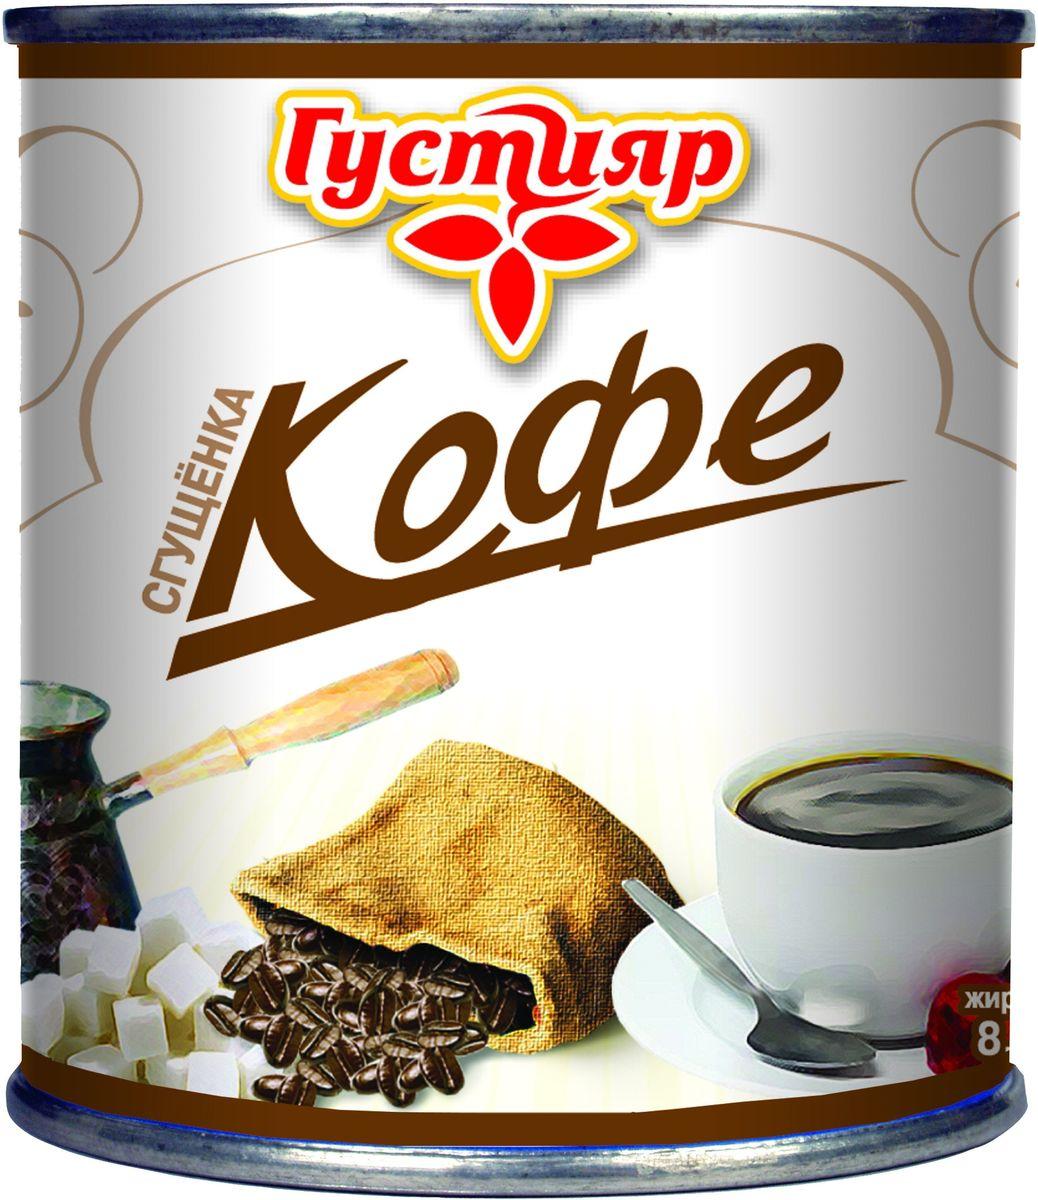 Союзконсервмолоко Густияр молоко сгущенное с кофе, 380 г союзконсервмолоко советское молоко сгущенное 270 г